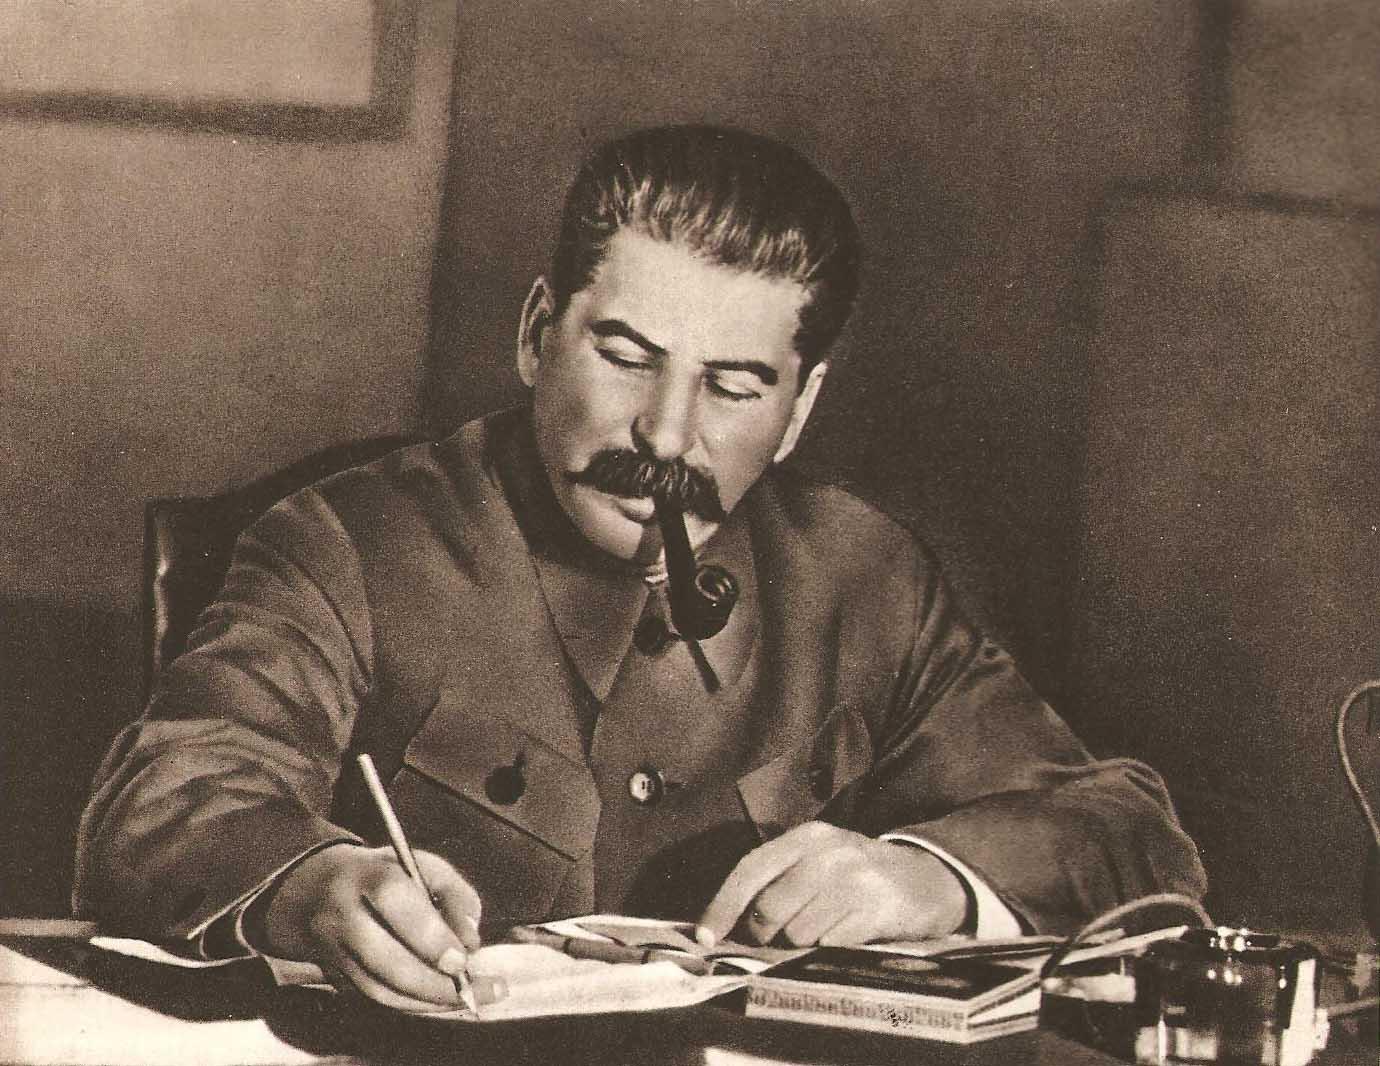 """А.Фурсов: как """"посредственный"""" Сталин гениев мировой революции Ленина с Троцким обыграл"""